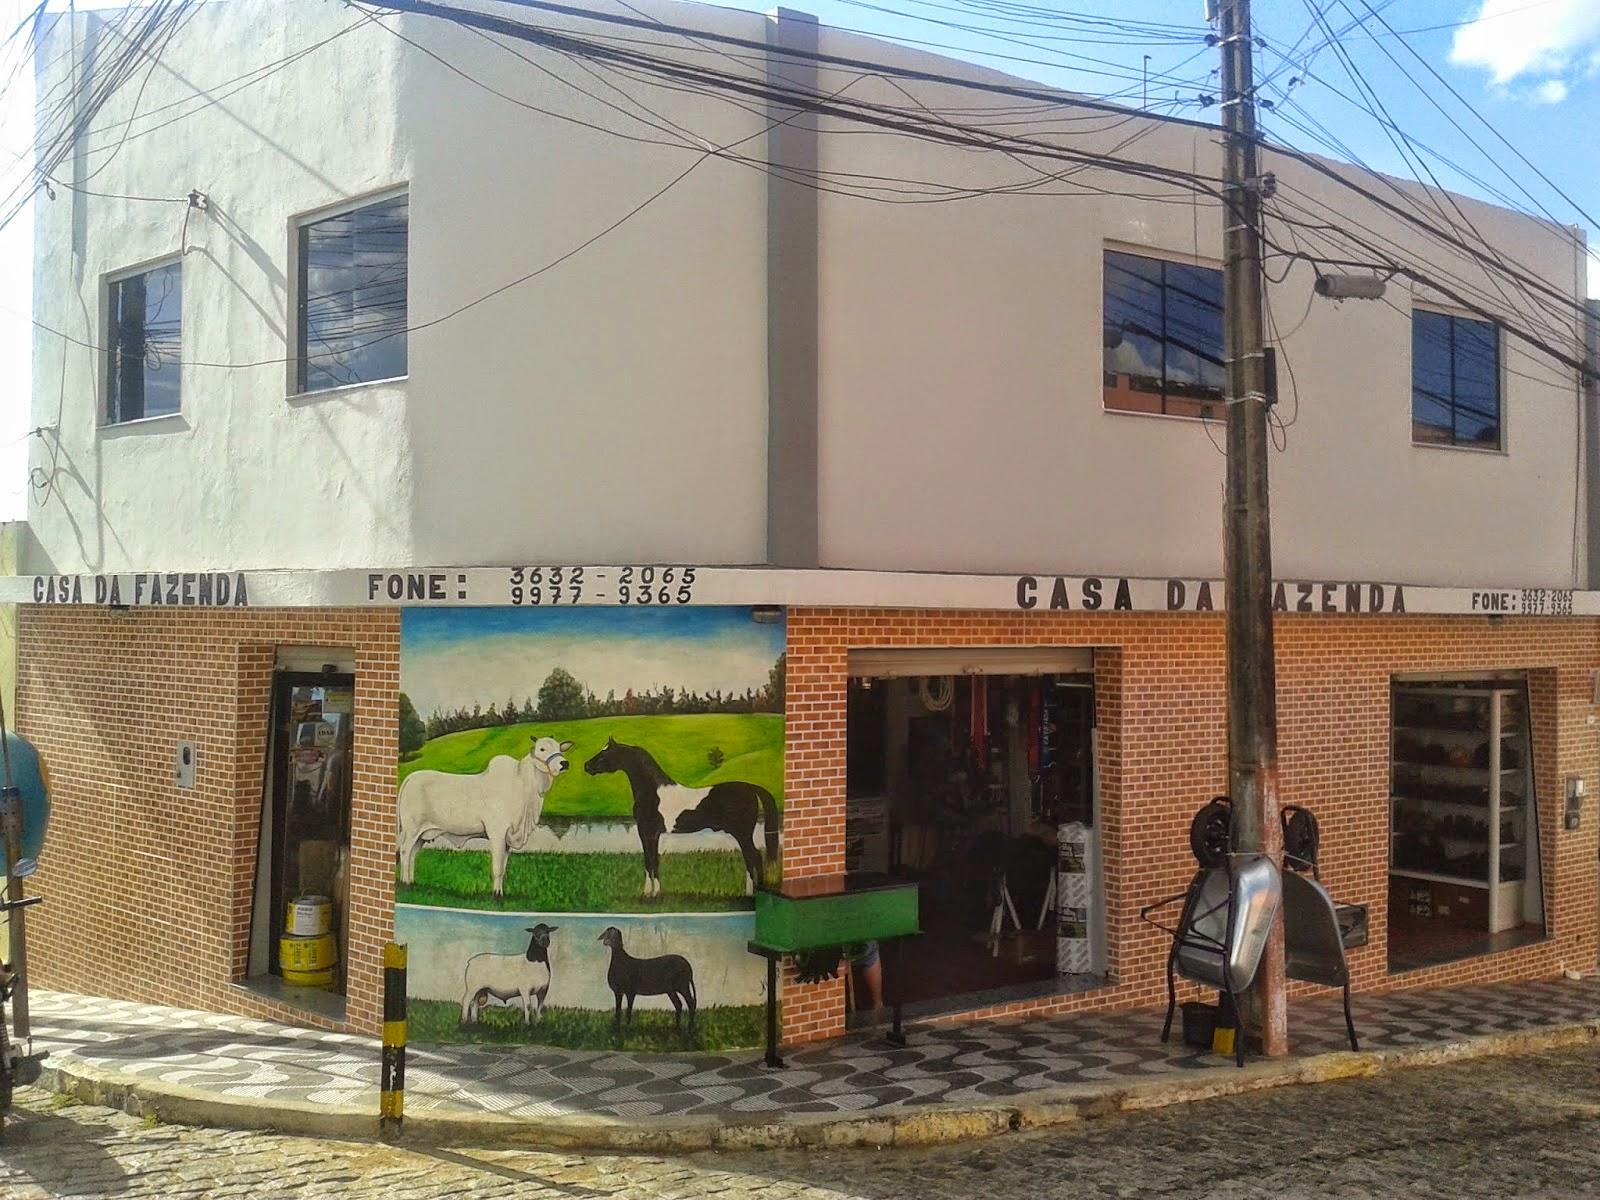 Mairi: Casa da Fazenda